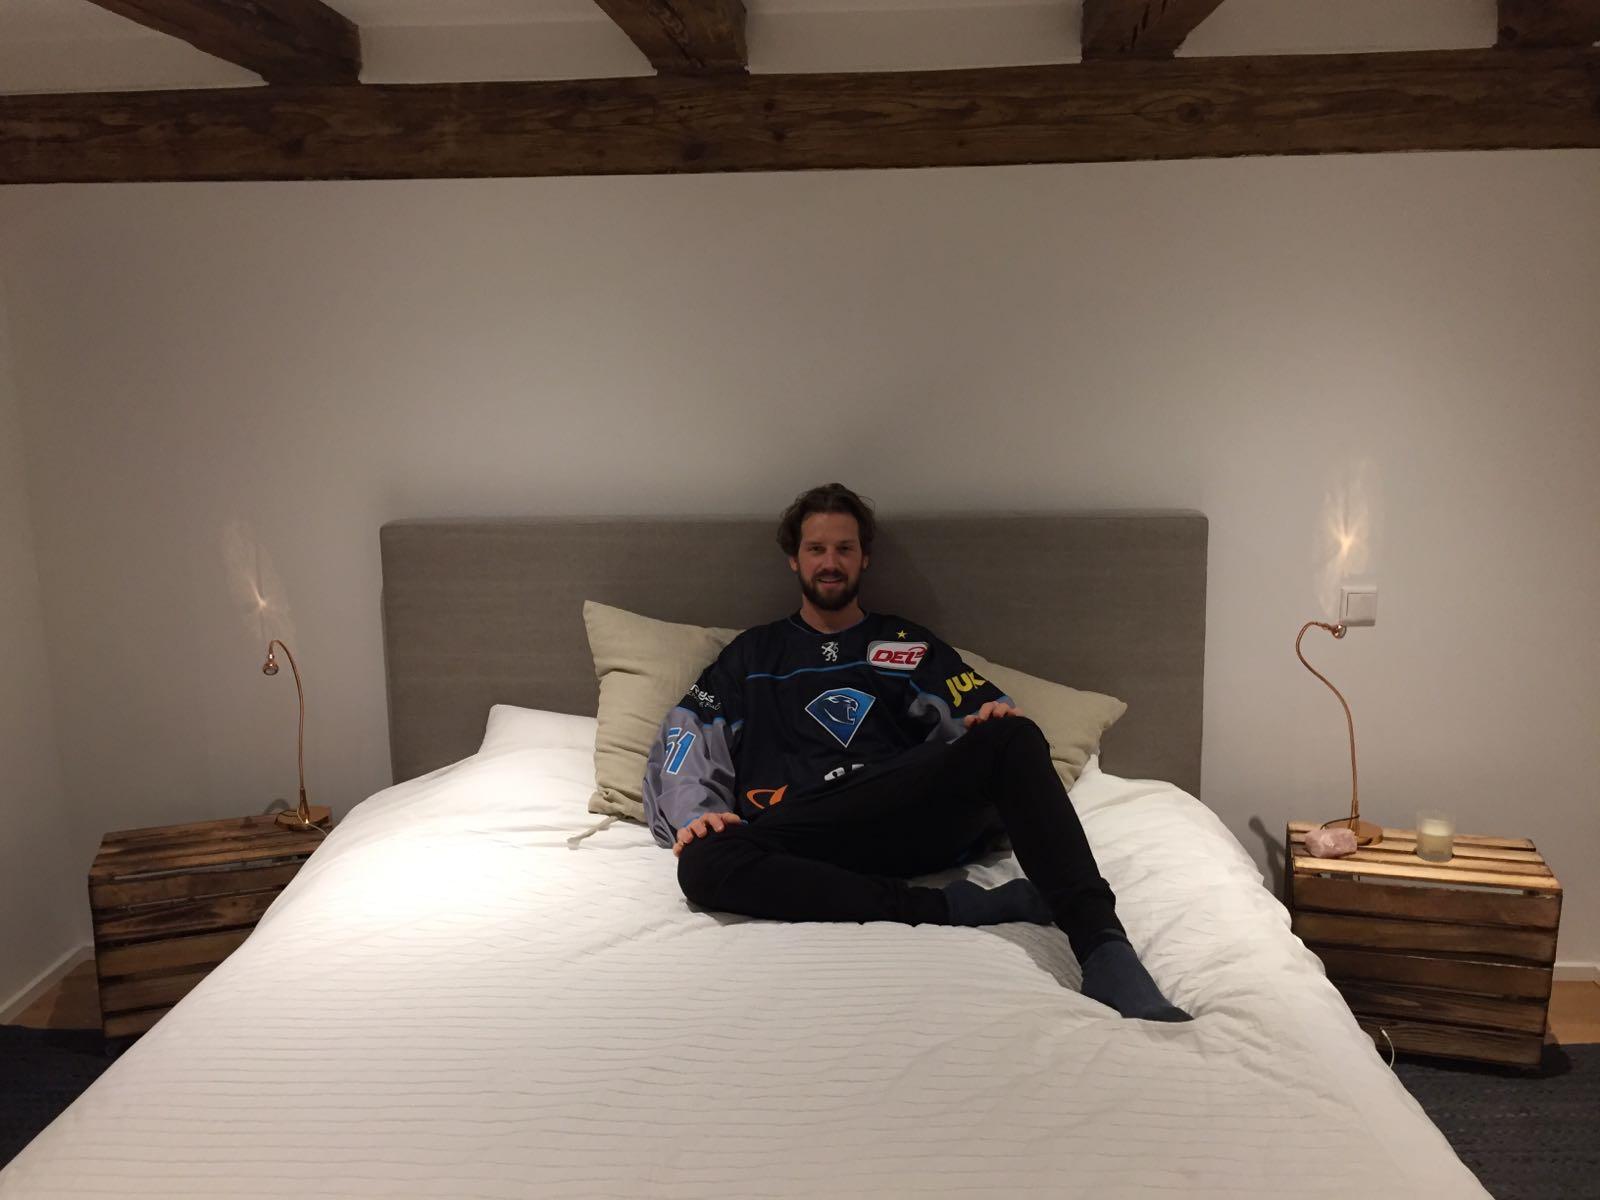 Eishockey-Nationaltorhüter Timo Pielmeier auf seinem Bett aus dem Bettenstudio Kugler